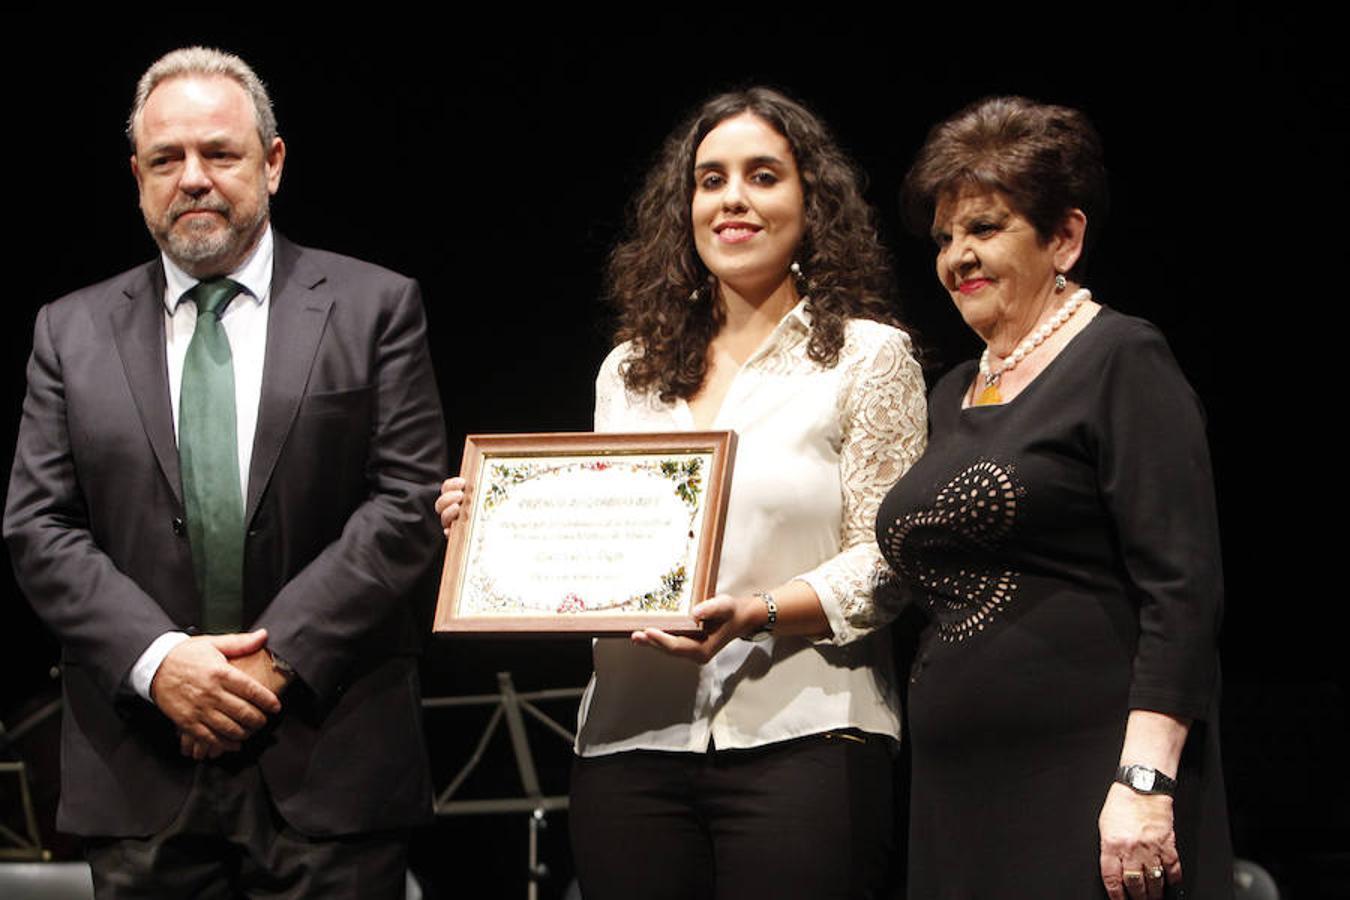 Inés Sandoval, concejal de Toledo, recogió el premio del Centro de la Mujer, en la imagen con el senador Jesús Labrador, portavoz del PP, y Mari Luz Santos